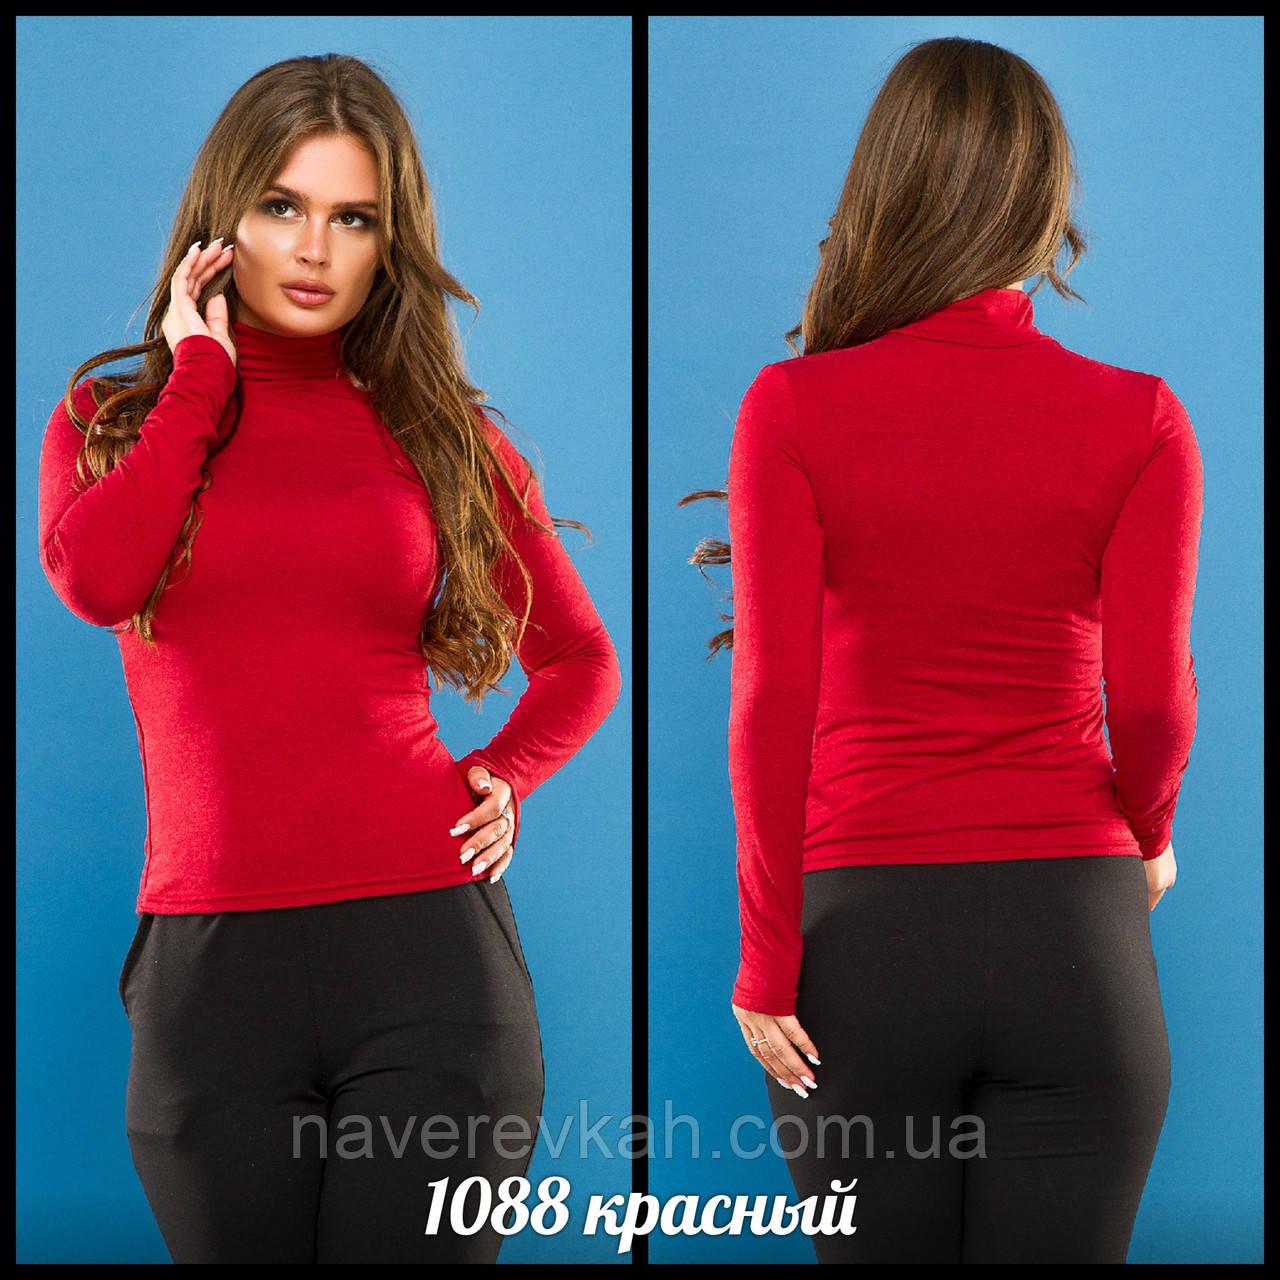 Женский осенний зимний гольф трикотаж кашемир фиолетовый темно-беж горчичный черный красный электрик 42-46